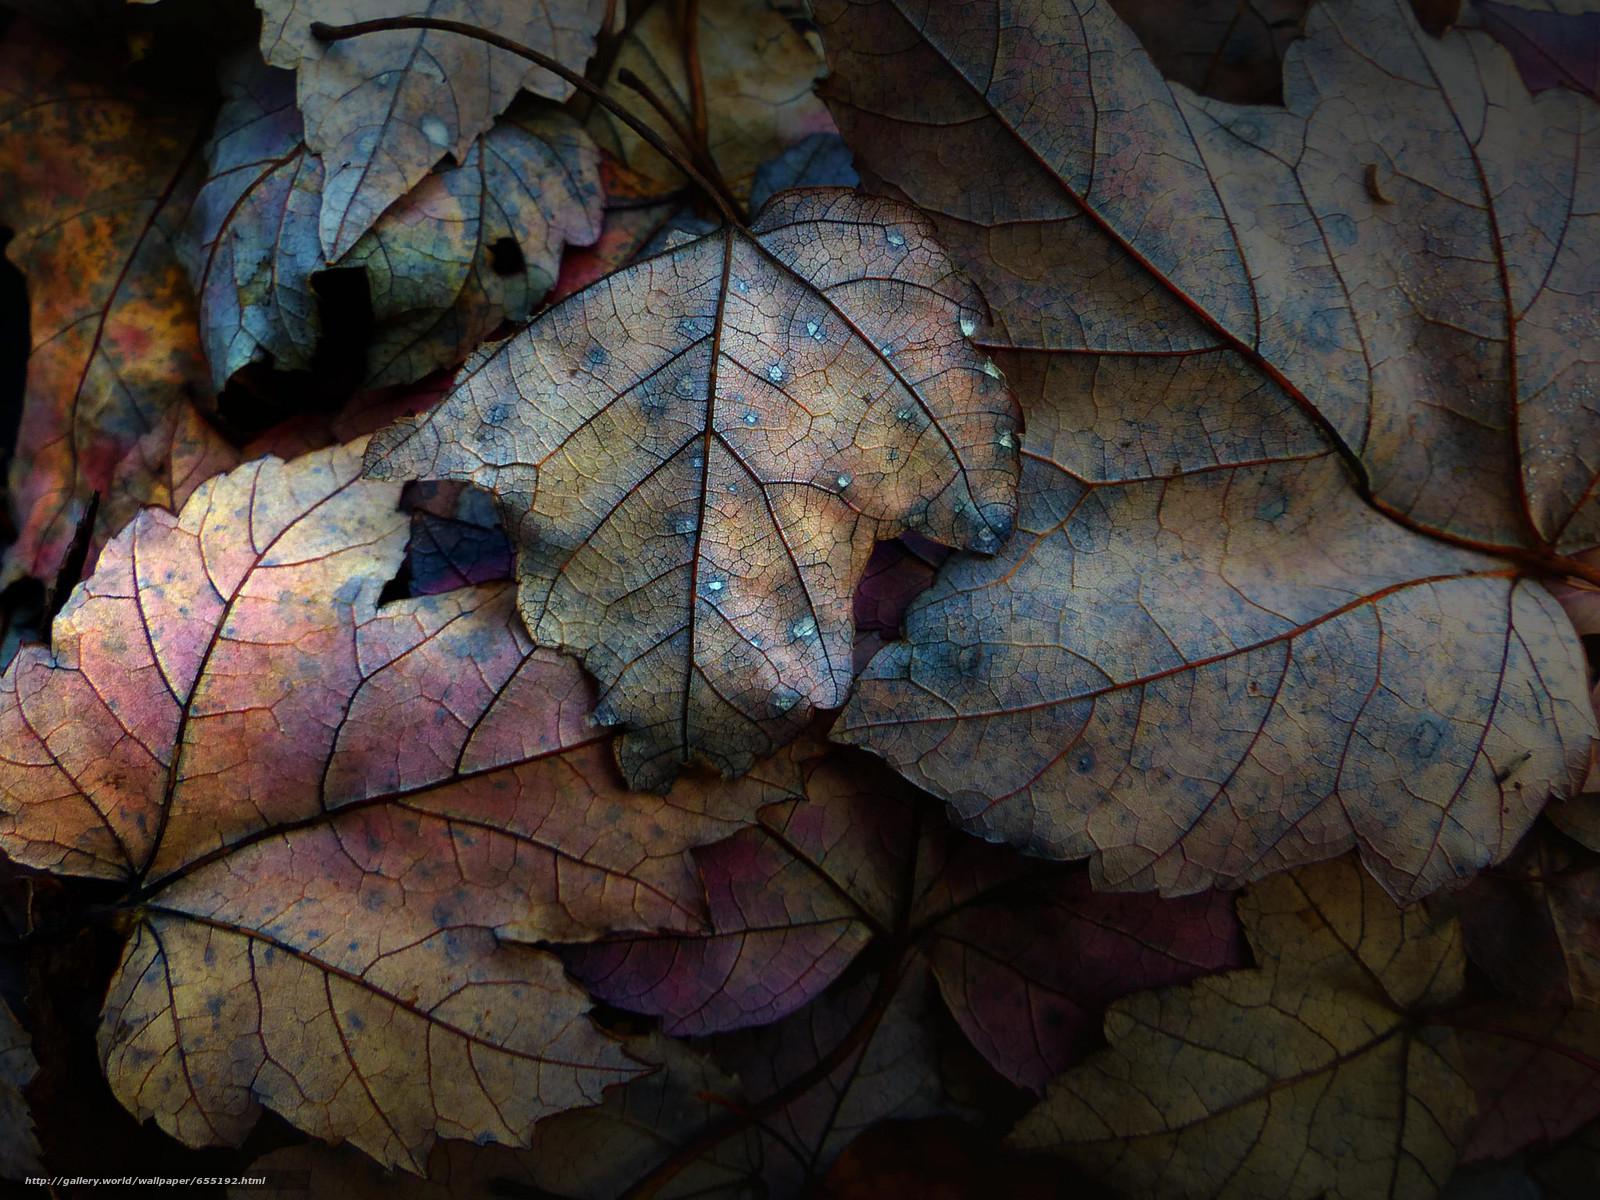 Скачать обои осень,  листья,  природа бесплатно для рабочего стола в разрешении 2048x1536 — картинка №655192